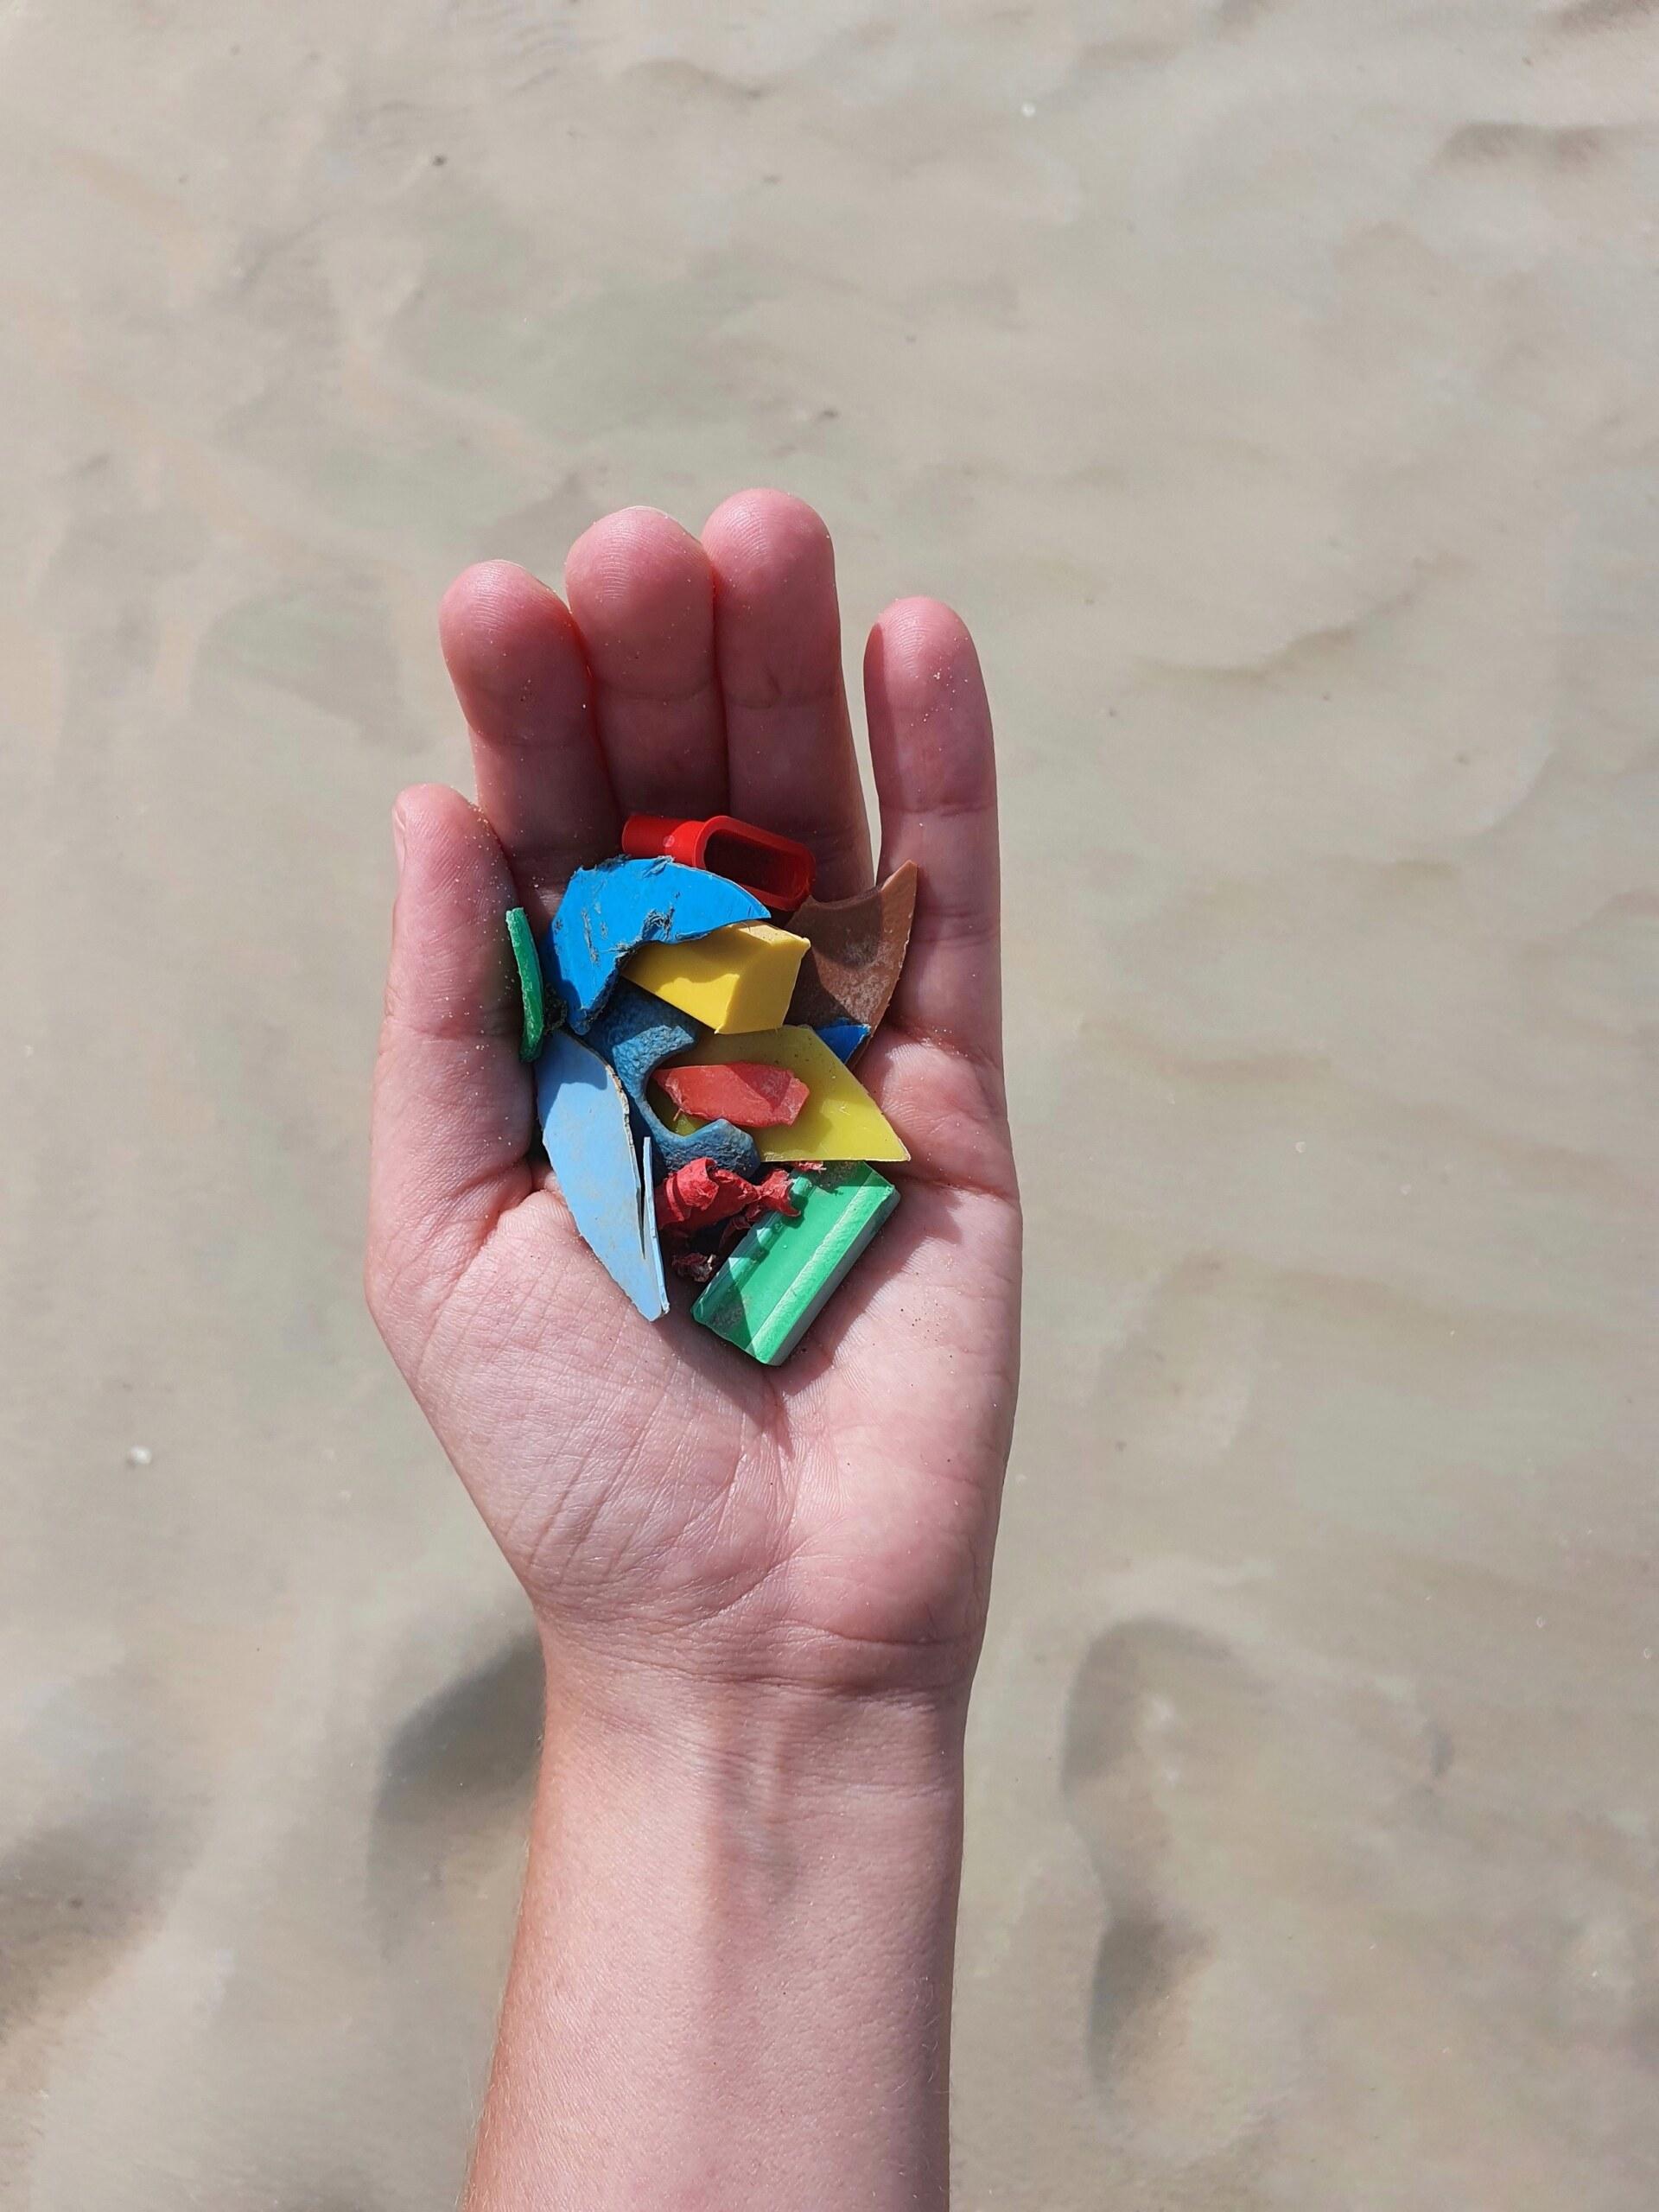 strandafval-kleine-stukjes-plastic